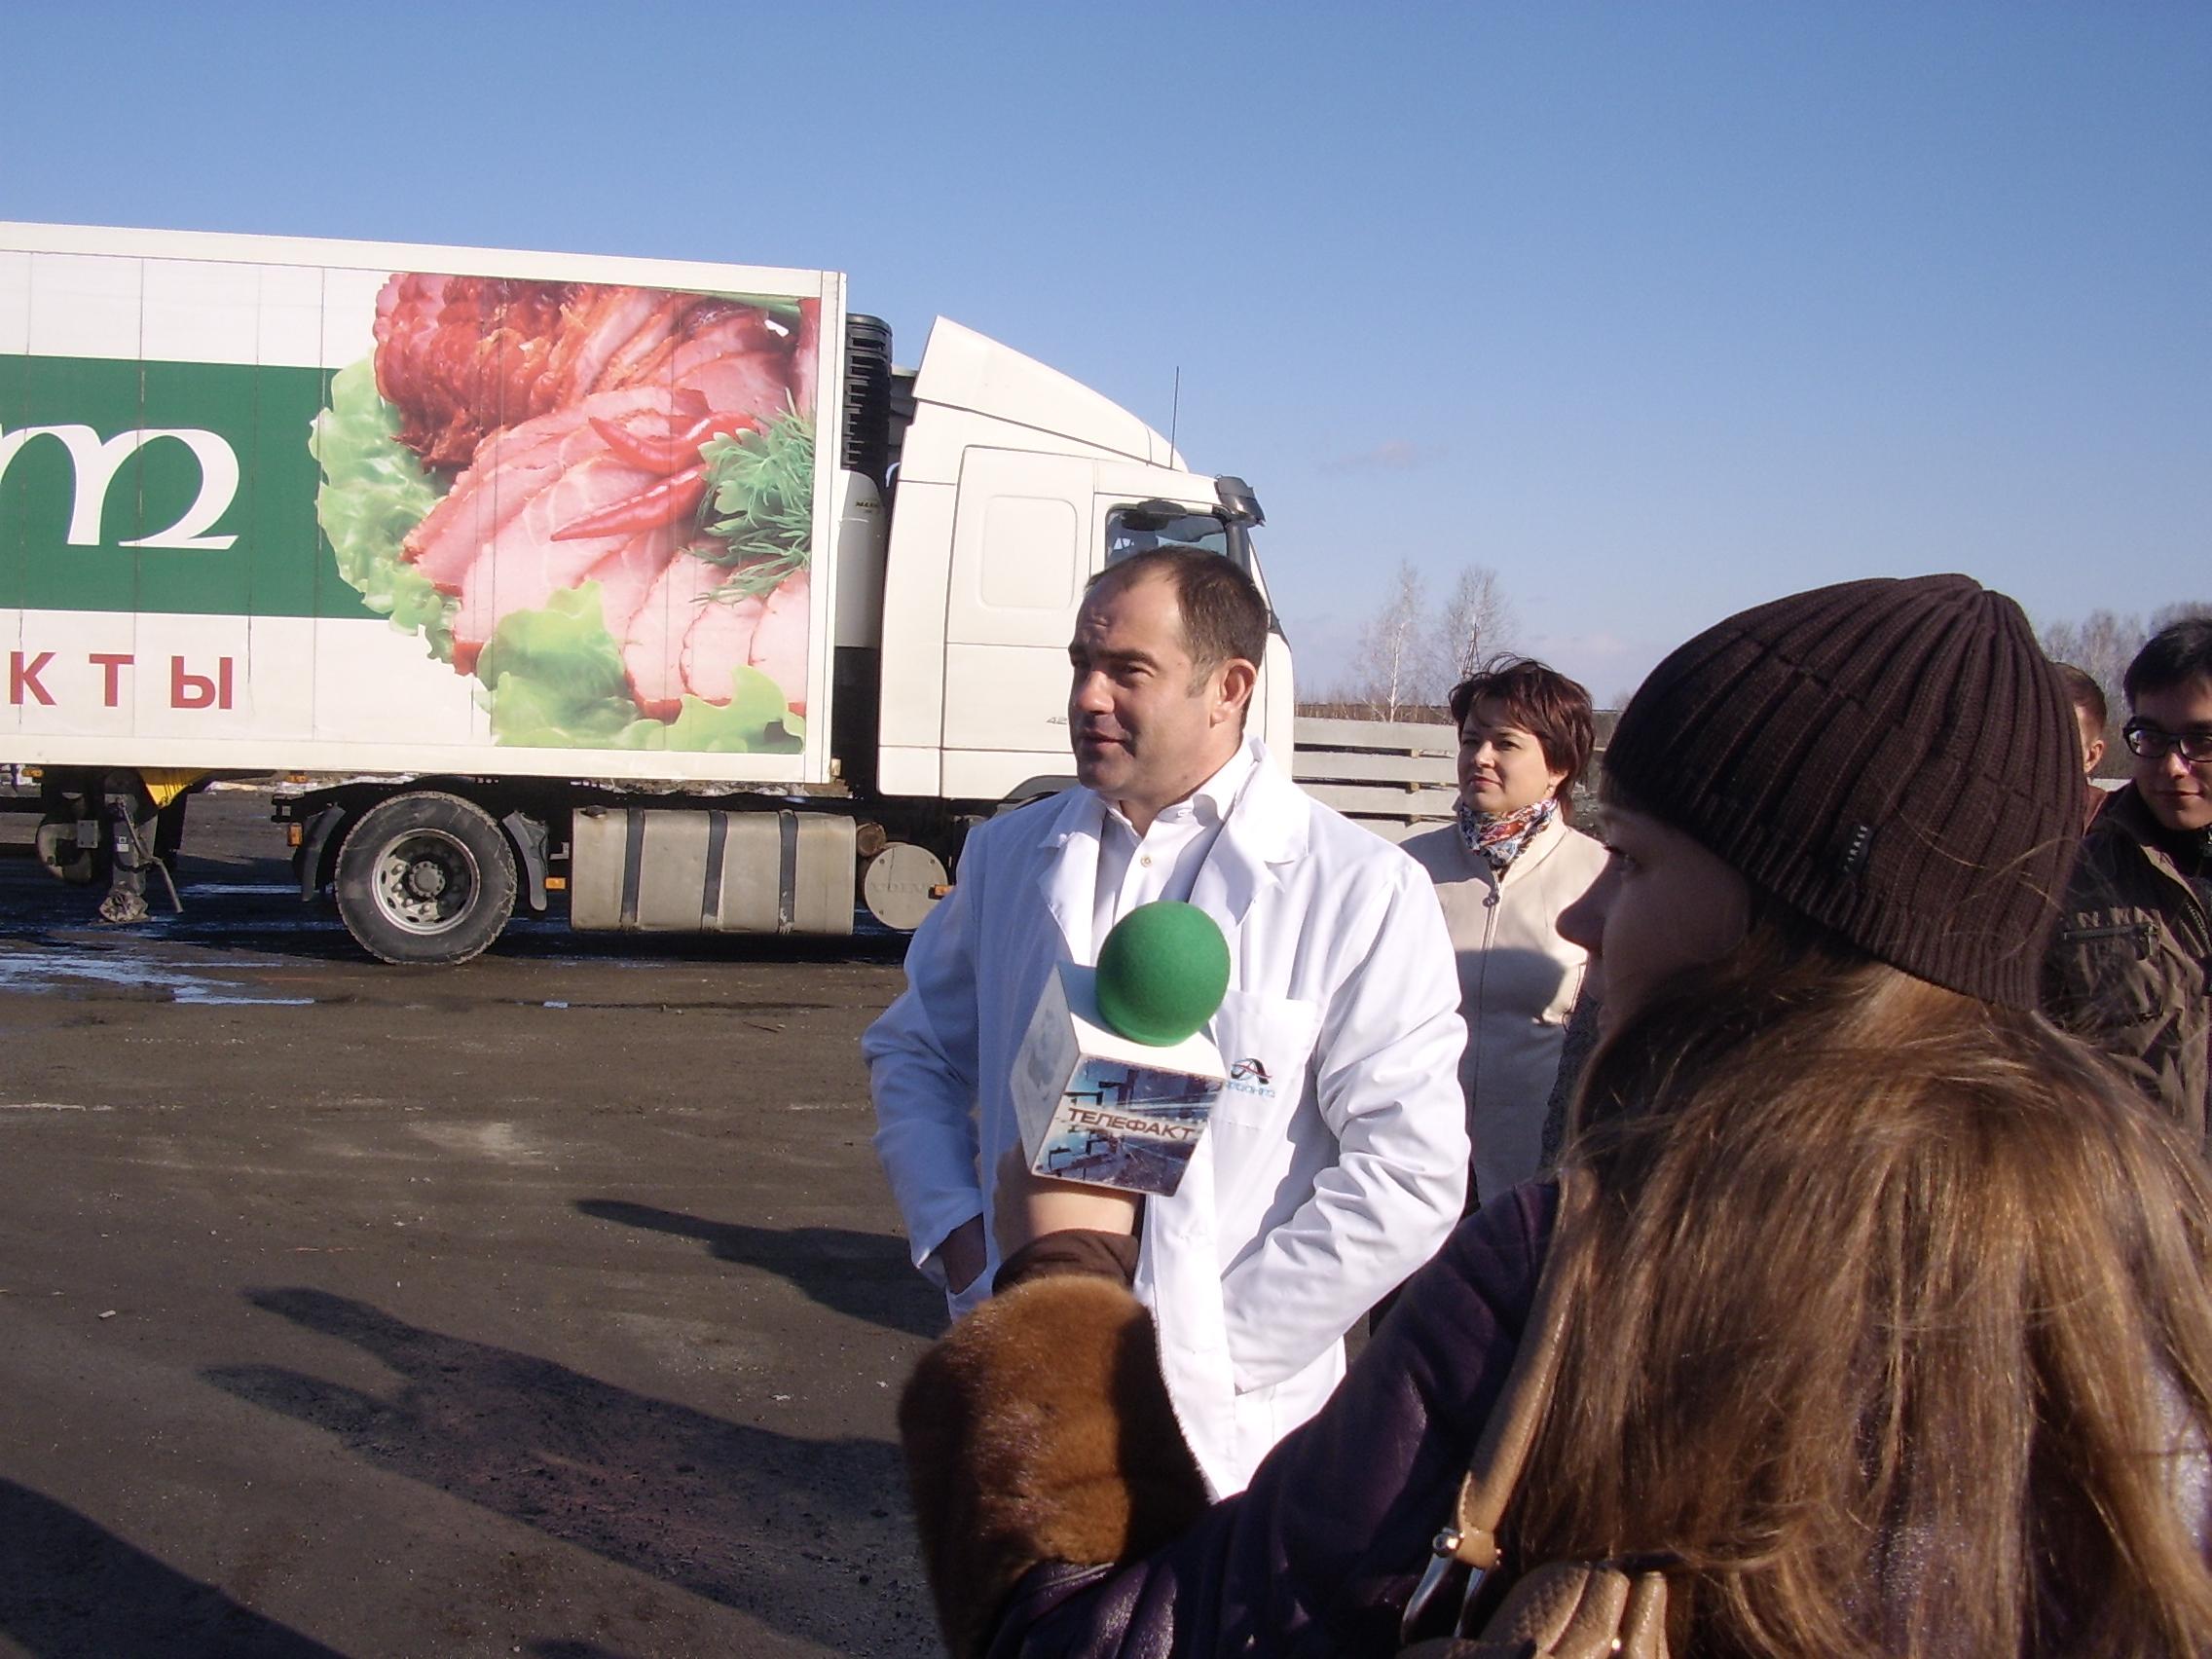 В своем блоге Дмитрий Гудков обосновывает необходимость лишения челябинского «золотого кренделя «